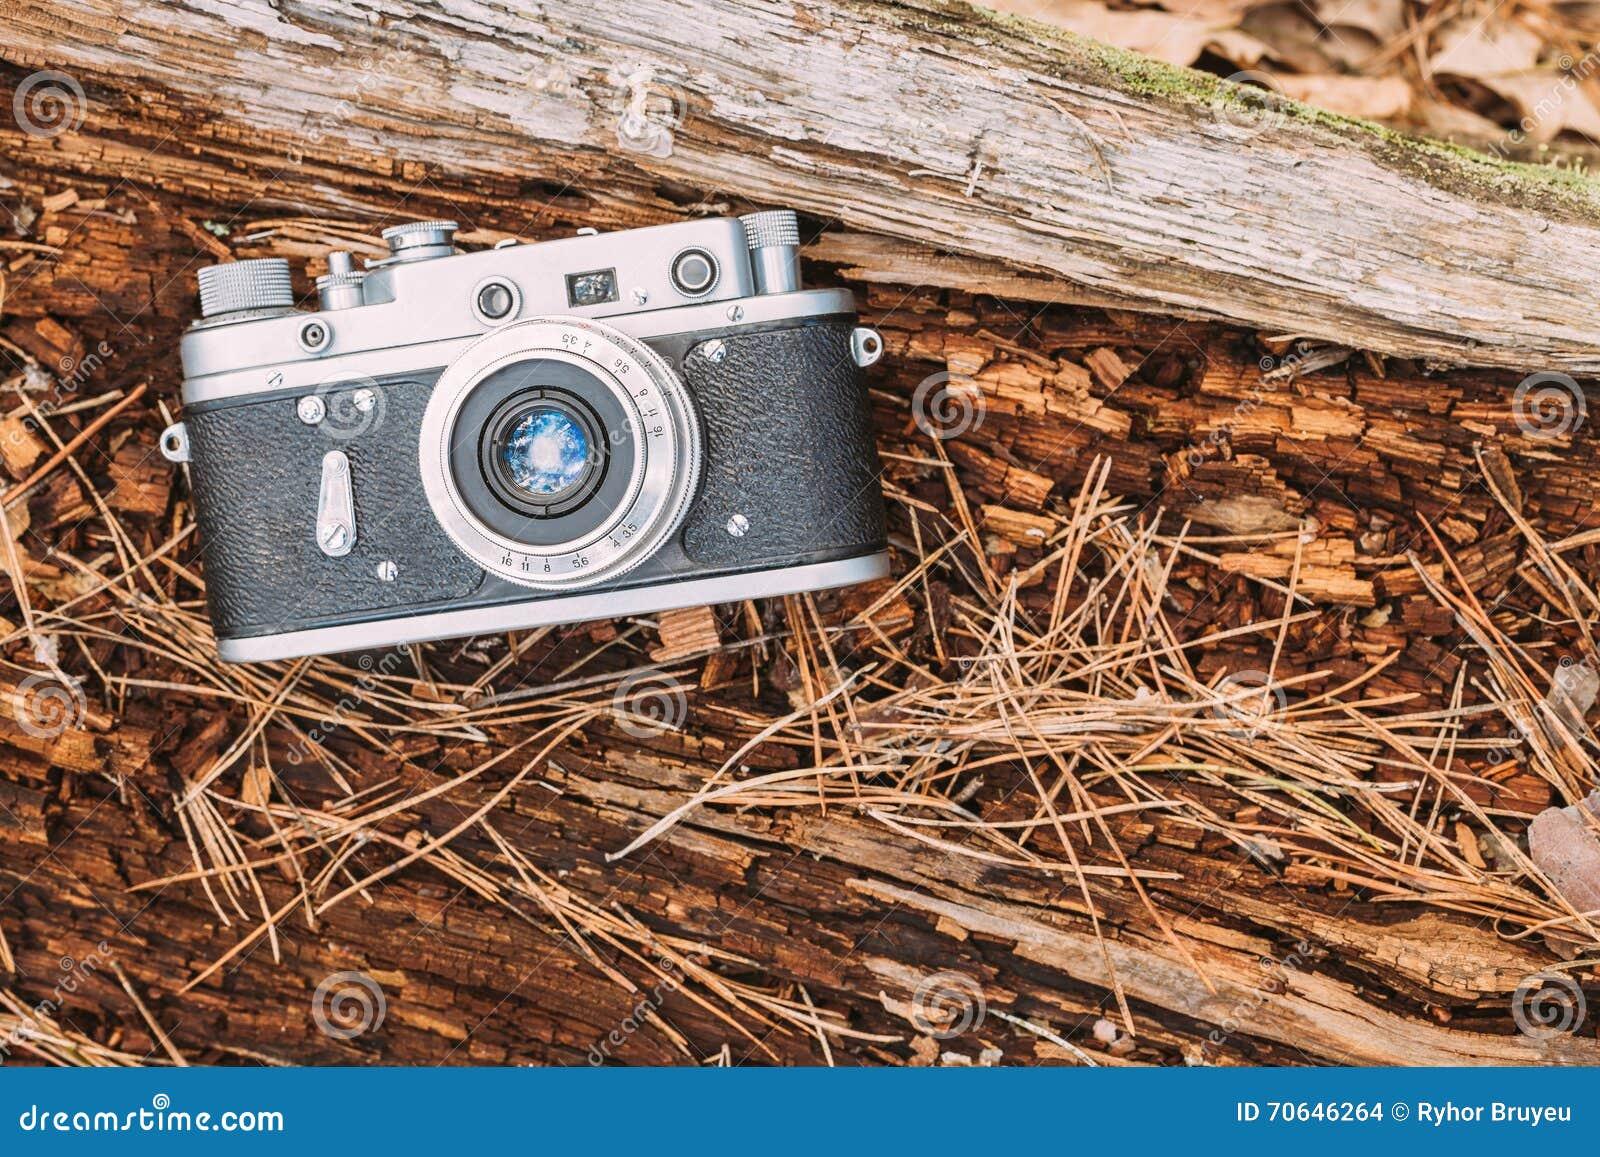 Alte weinlese entfernungsmesser kamera 1950 1960s stockfoto bild